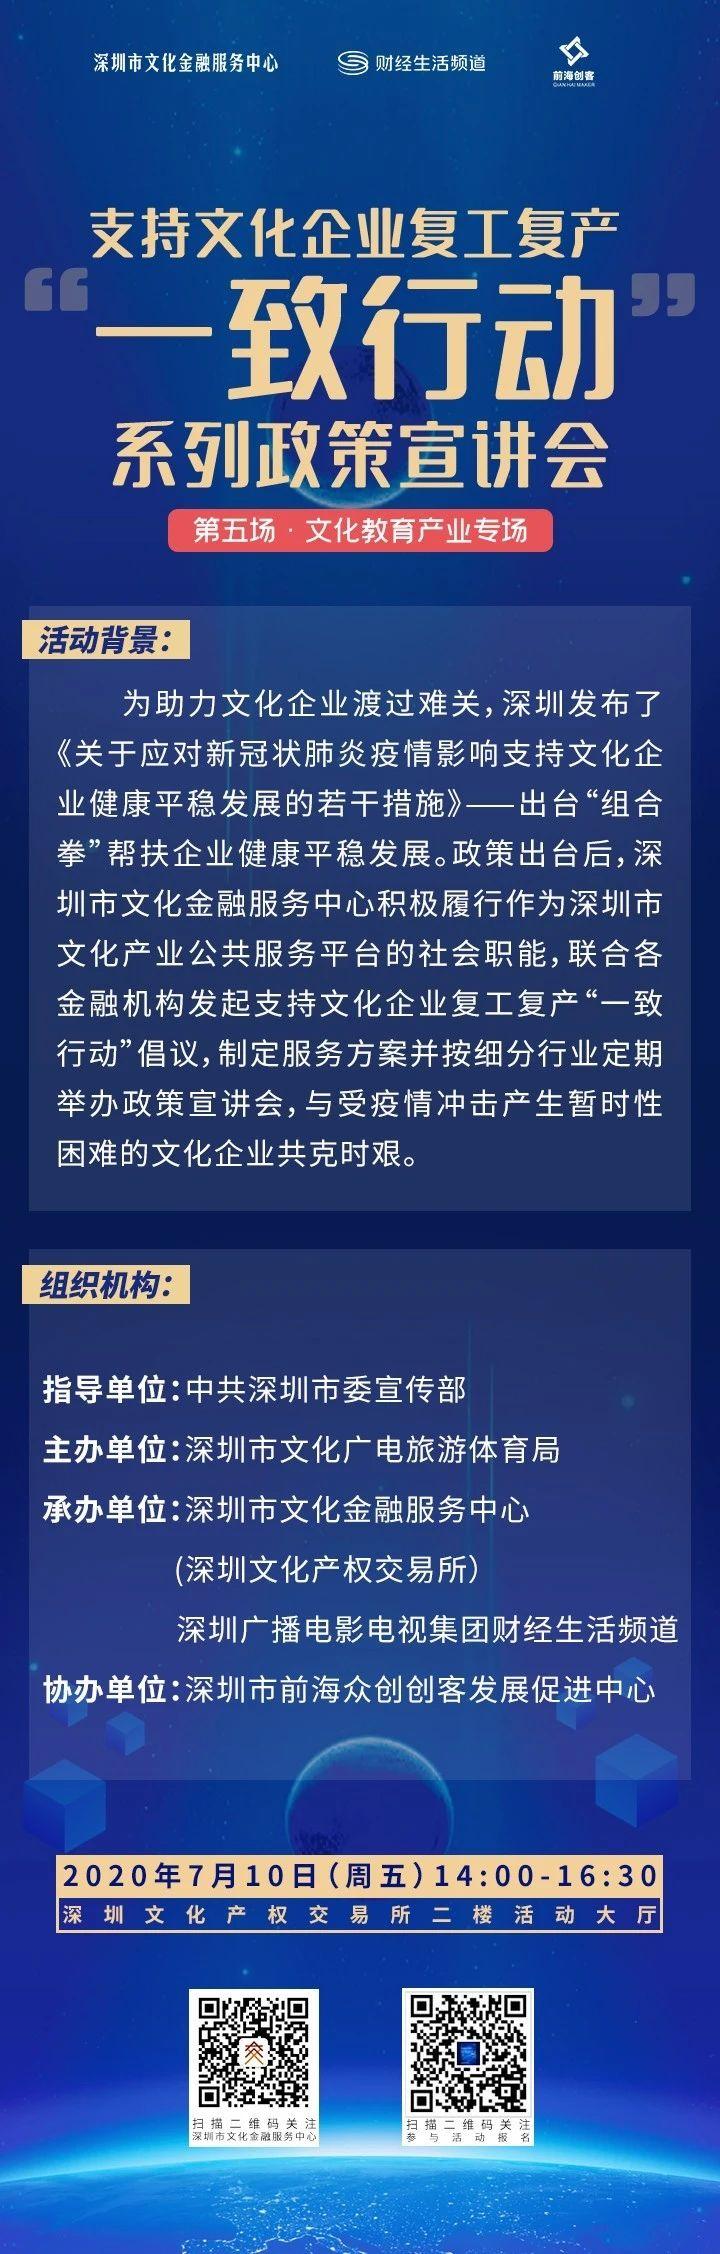 """""""一致行动""""暨金融方舟政策宣讲会第五场.jpg"""